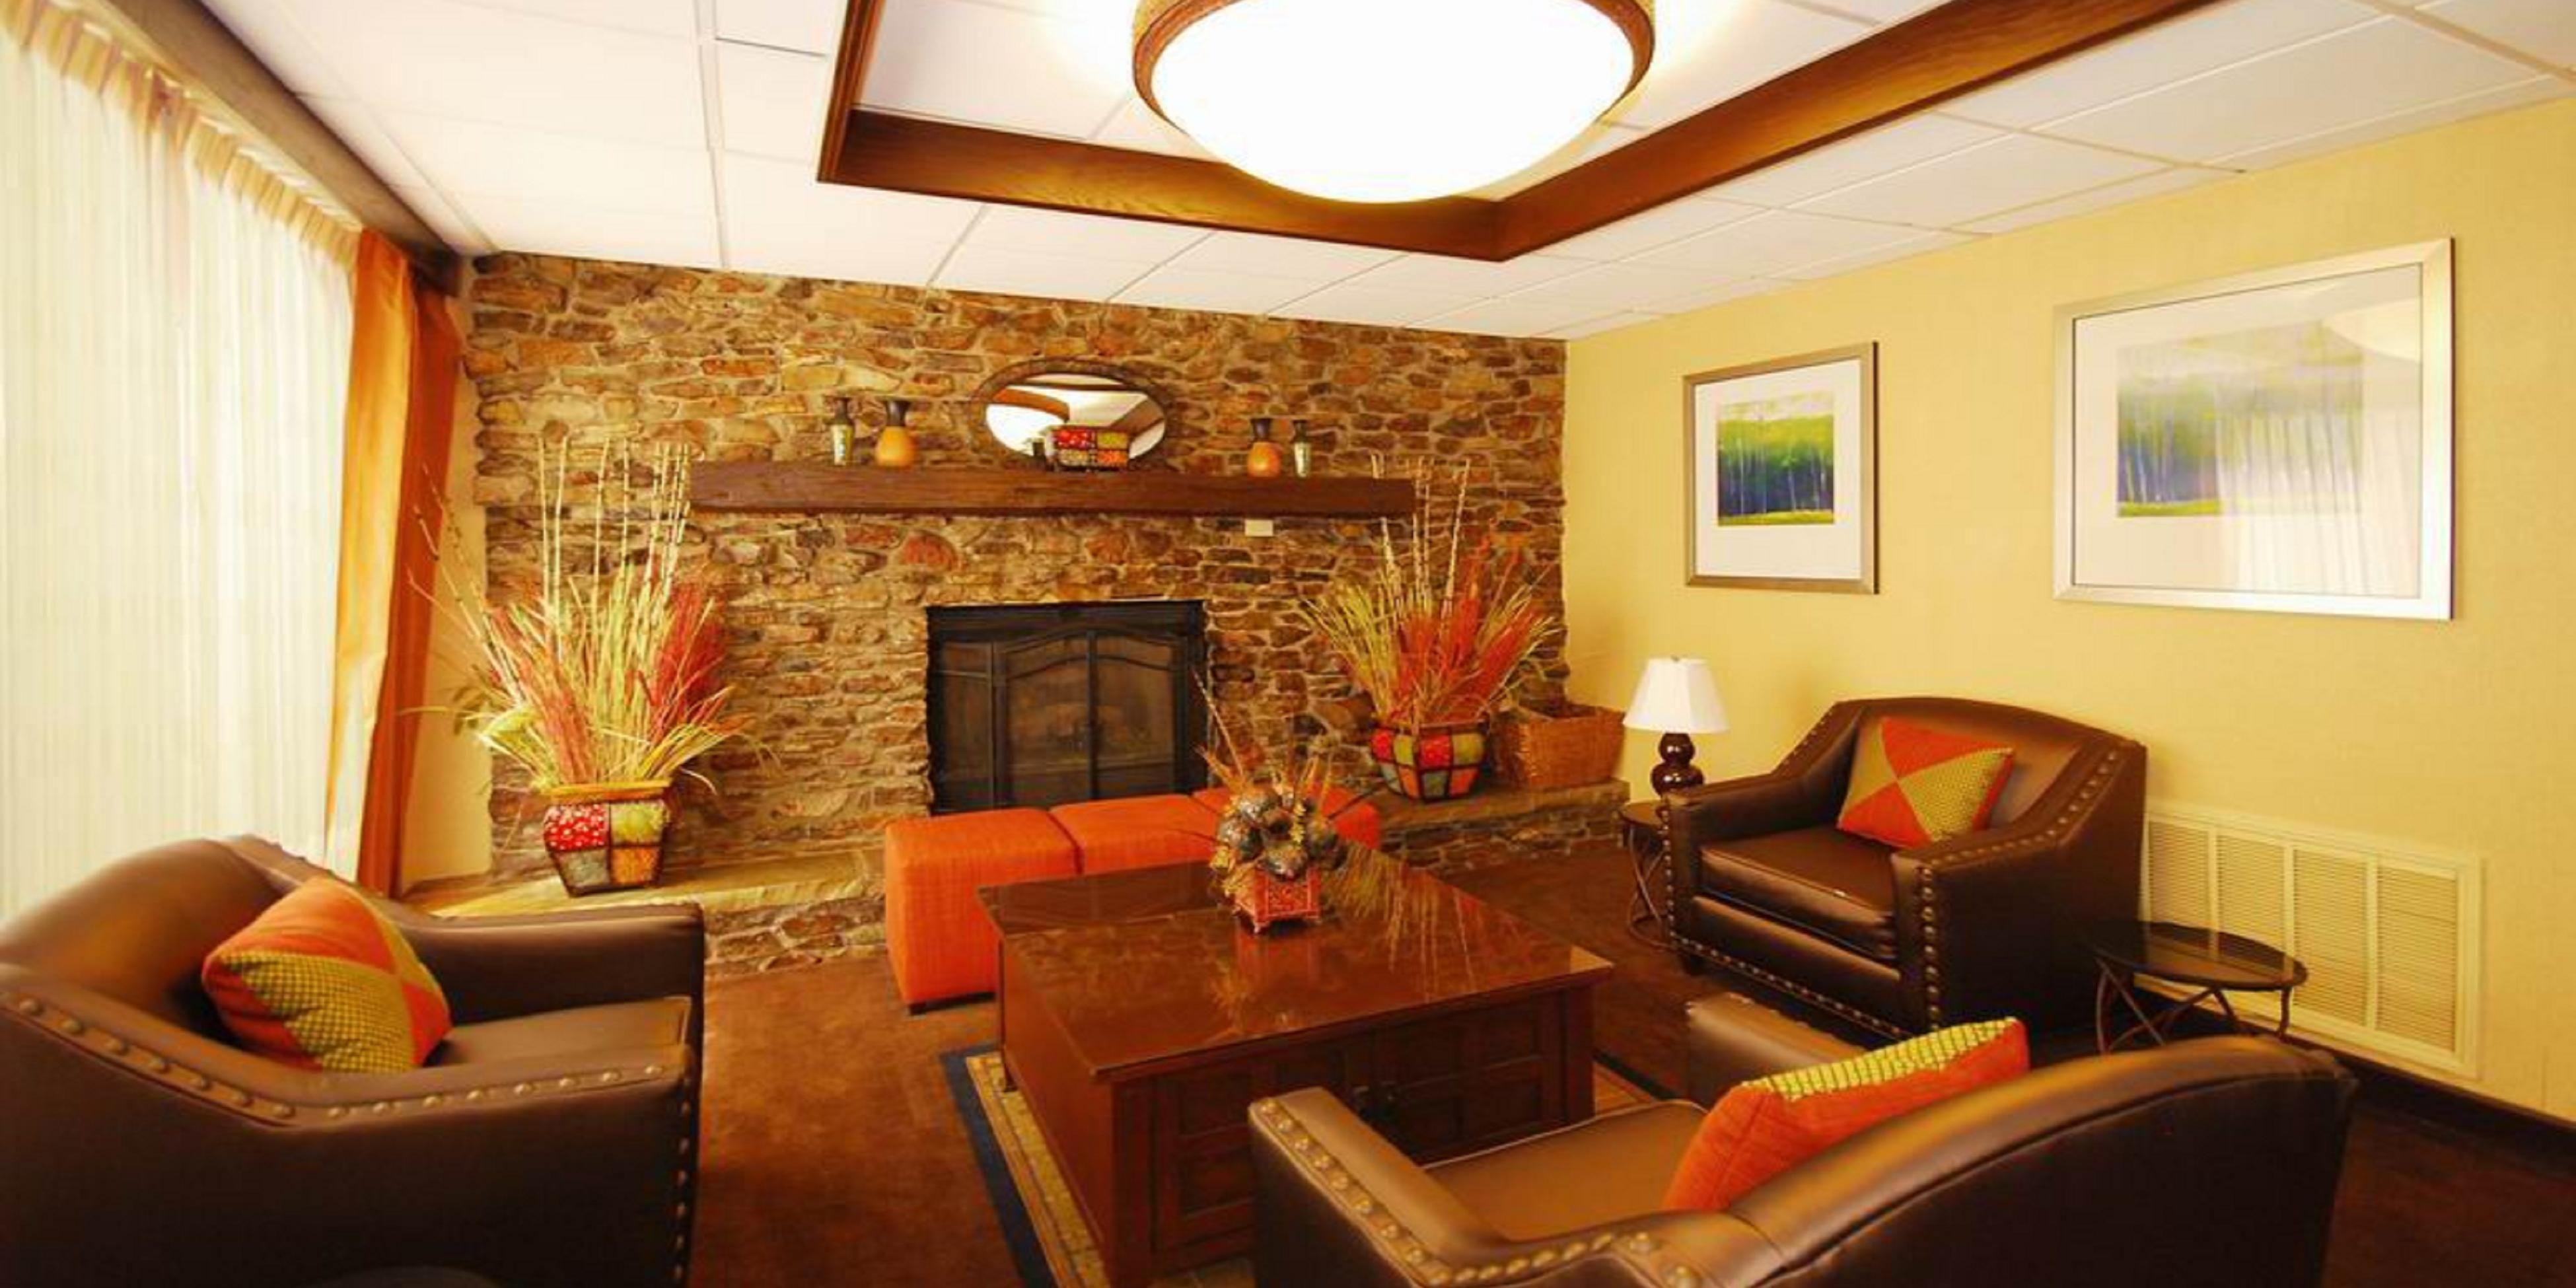 Beau Holiday Inn Express Forsyth Hotel By IHG